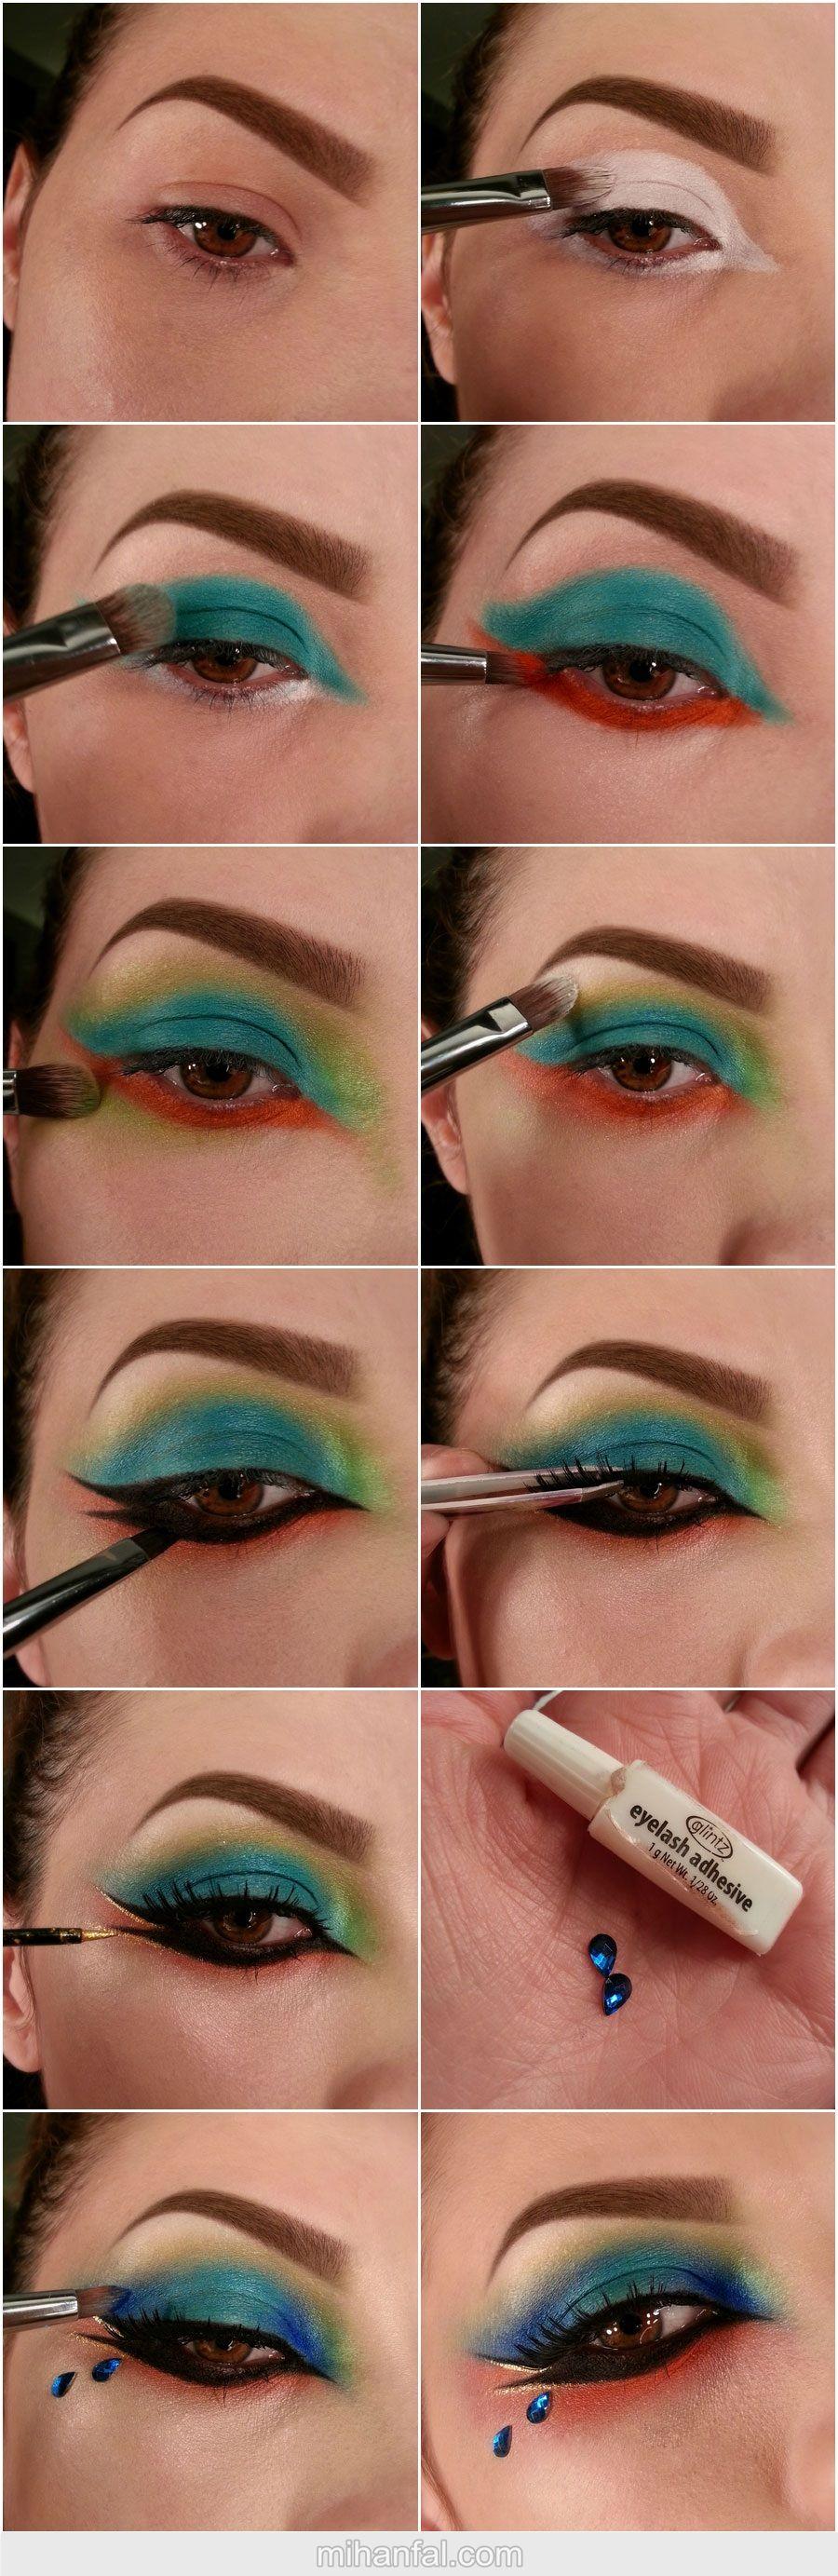 آموزش تصویری آرایش چشم رنگین کمانی